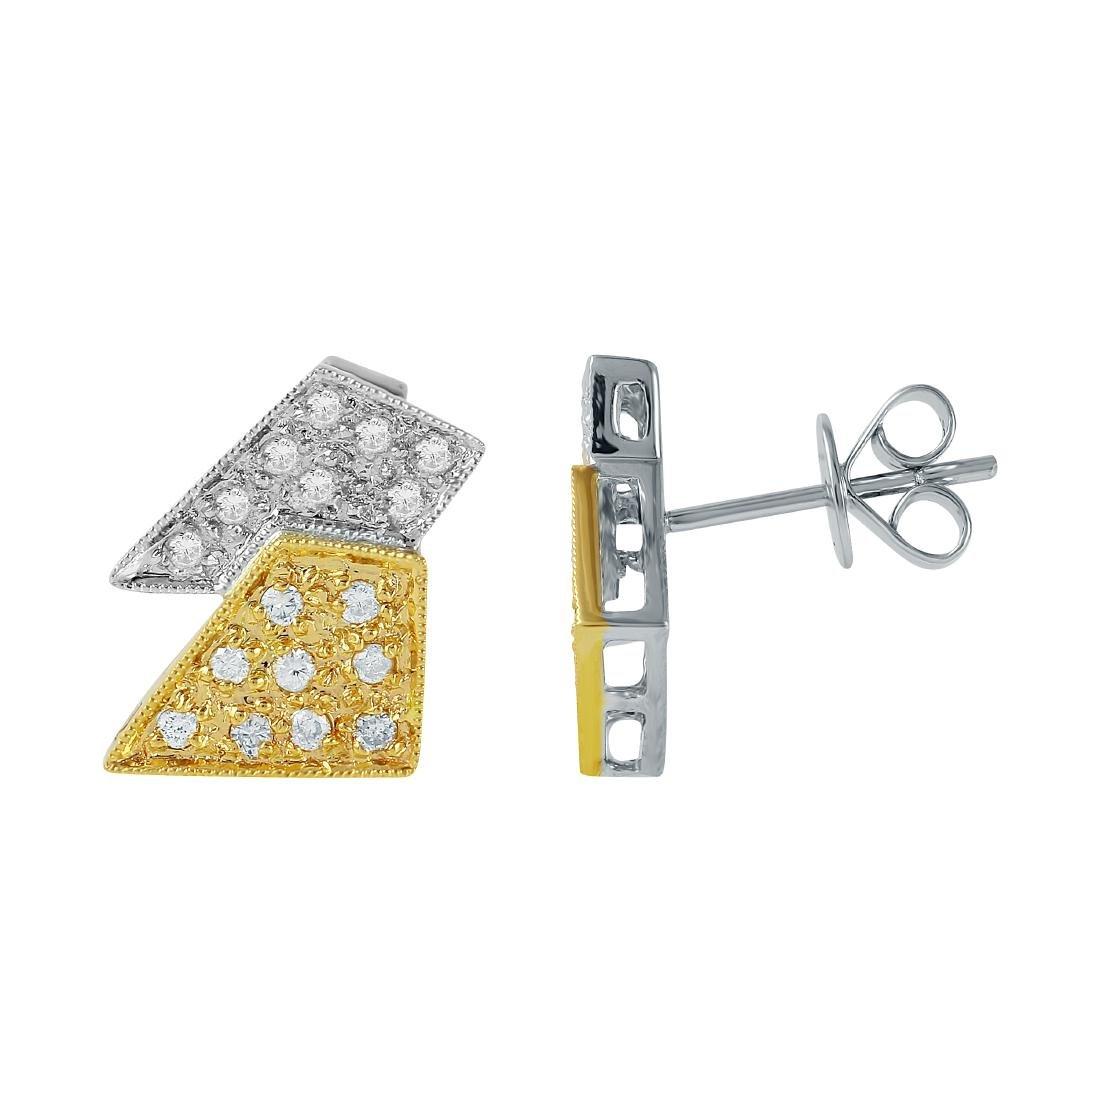 14KT Two Tone Gold Diamond Stud Earrings